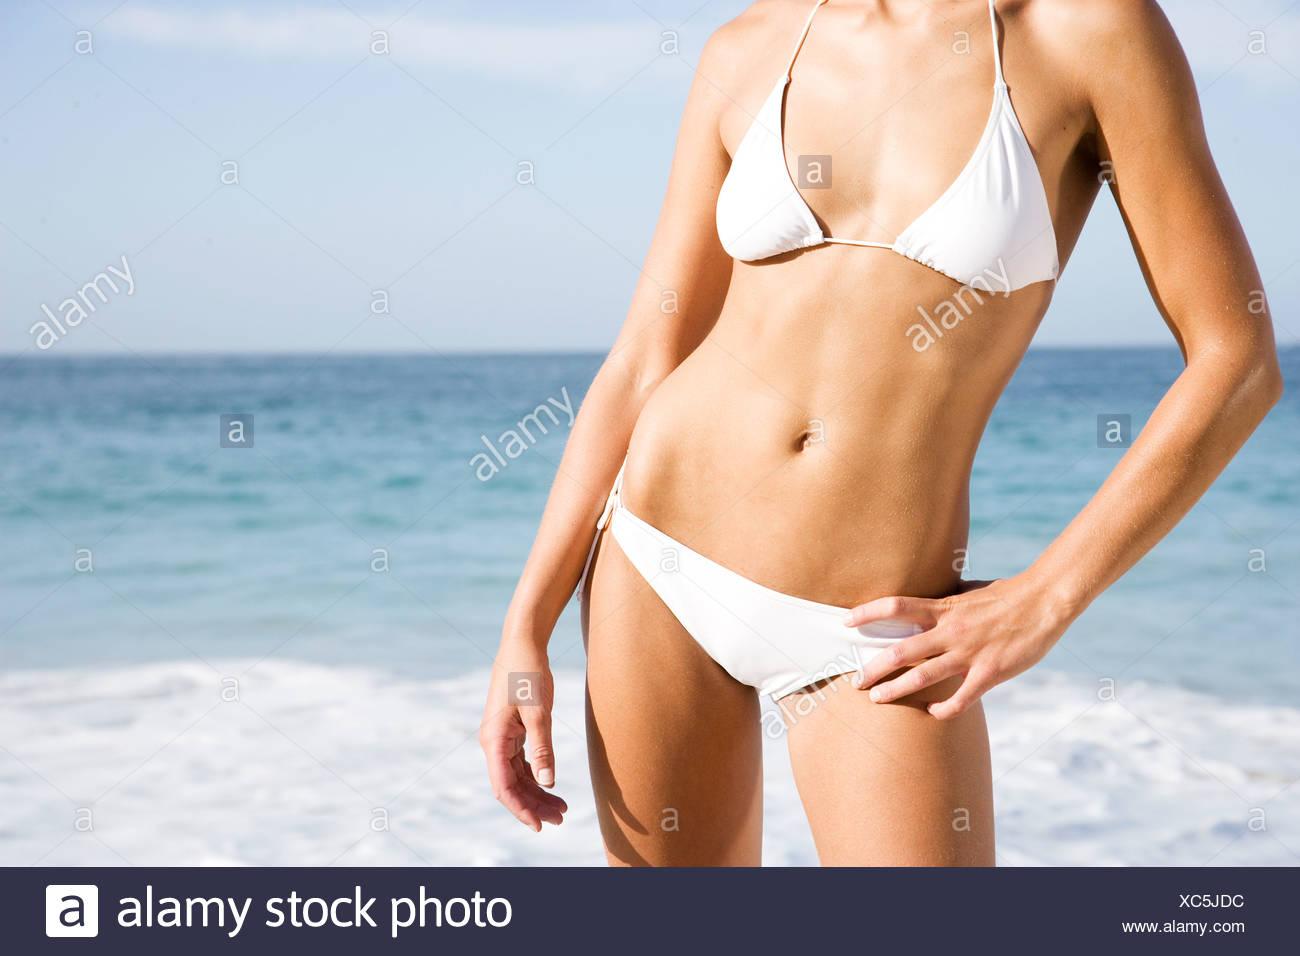 Une jeune femme sur la plage en bikini Photo Stock